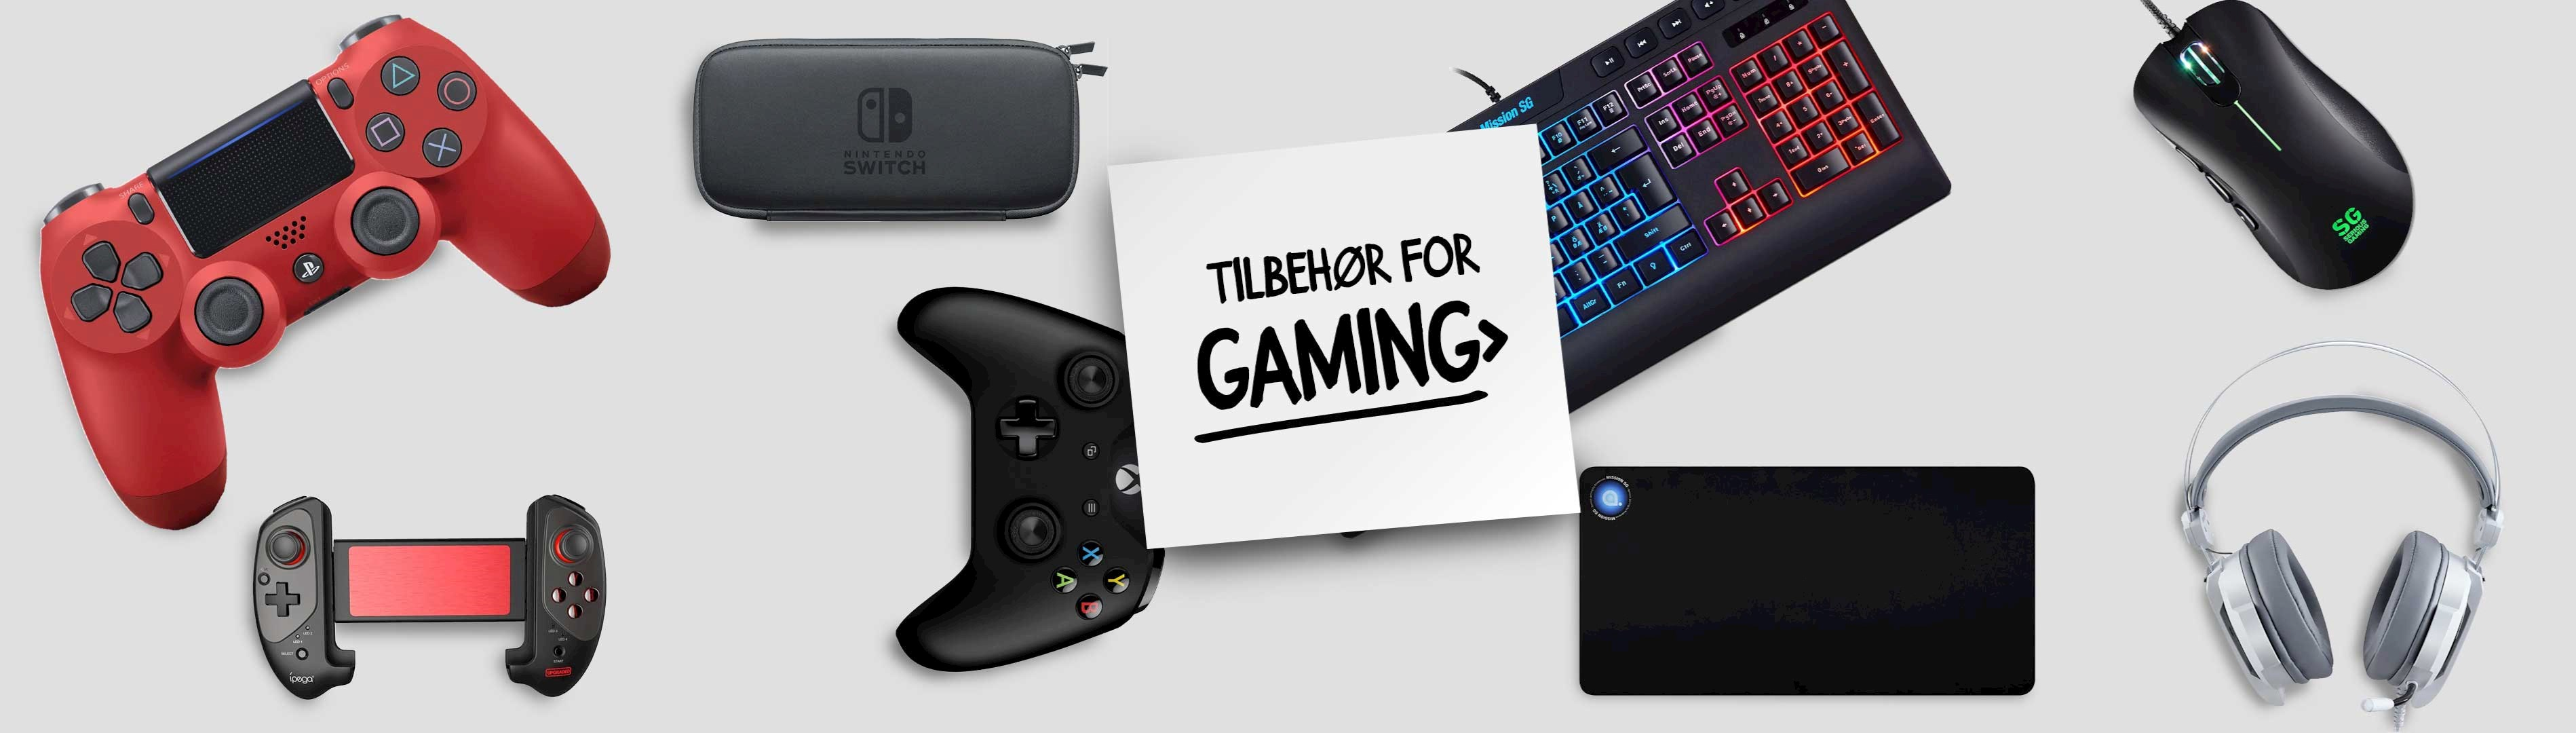 Tilbehør for gaming